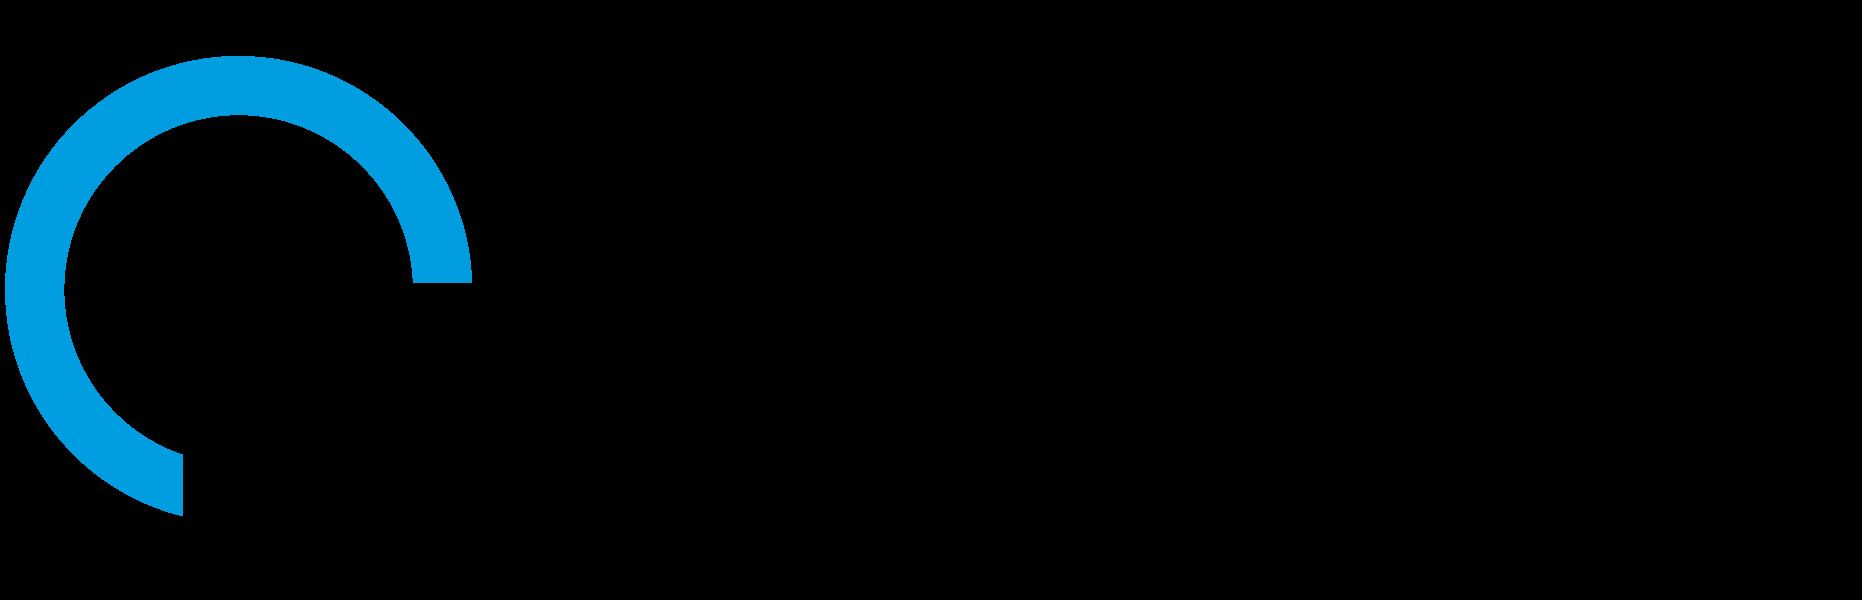 HU9800946A2 - Készítmény citotoxikus T-limfocita válasz kiváltására - Google Patents